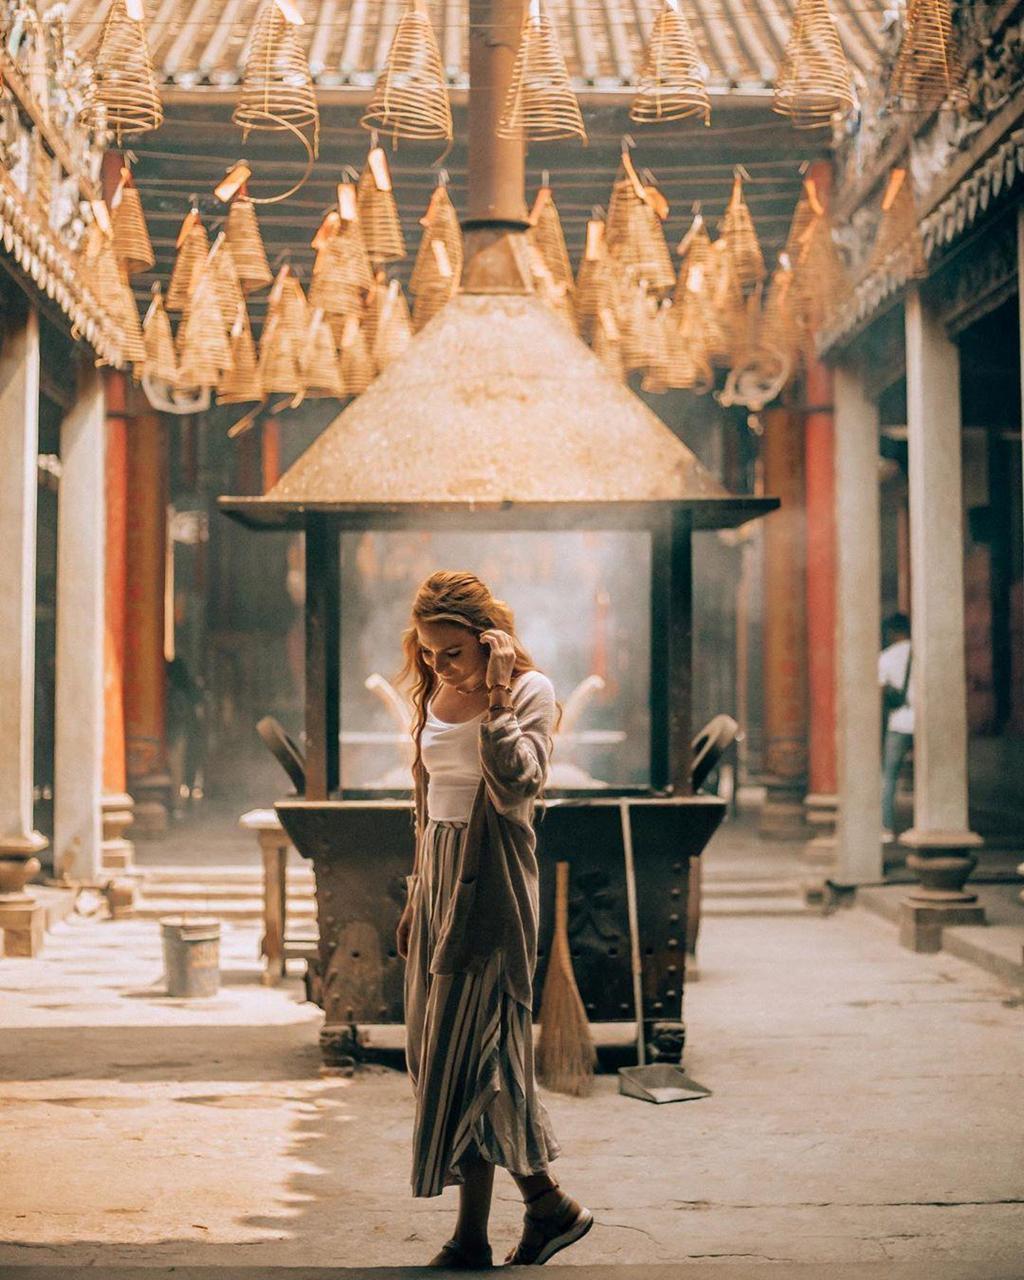 Bửu Long và 5 ngôi chùa nổi tiếng linh thiêng khu vực phía nam Ảnh 6